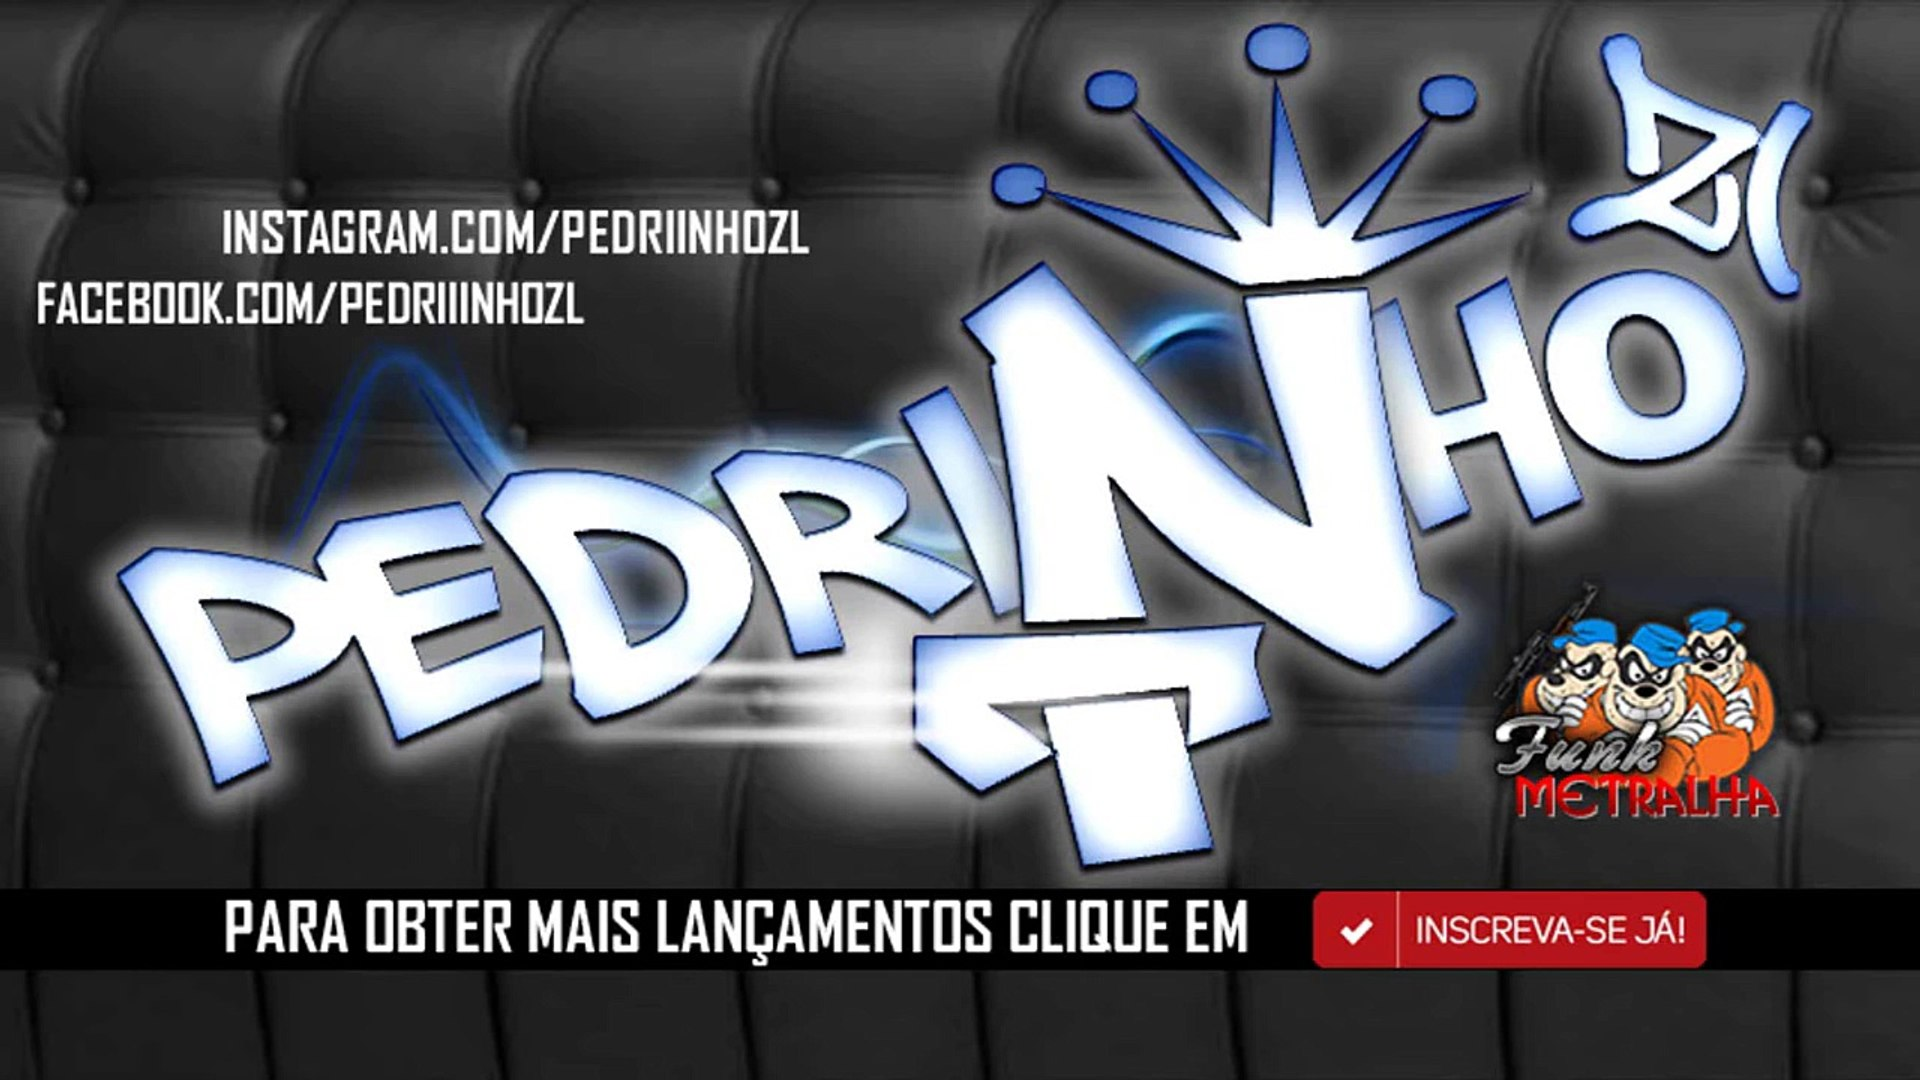 MC Pedrinho e MC Menor da VG - Vai Sentando Devagar, Vai Kikando Sem Parar Nova2015 (PedrinhoZl)